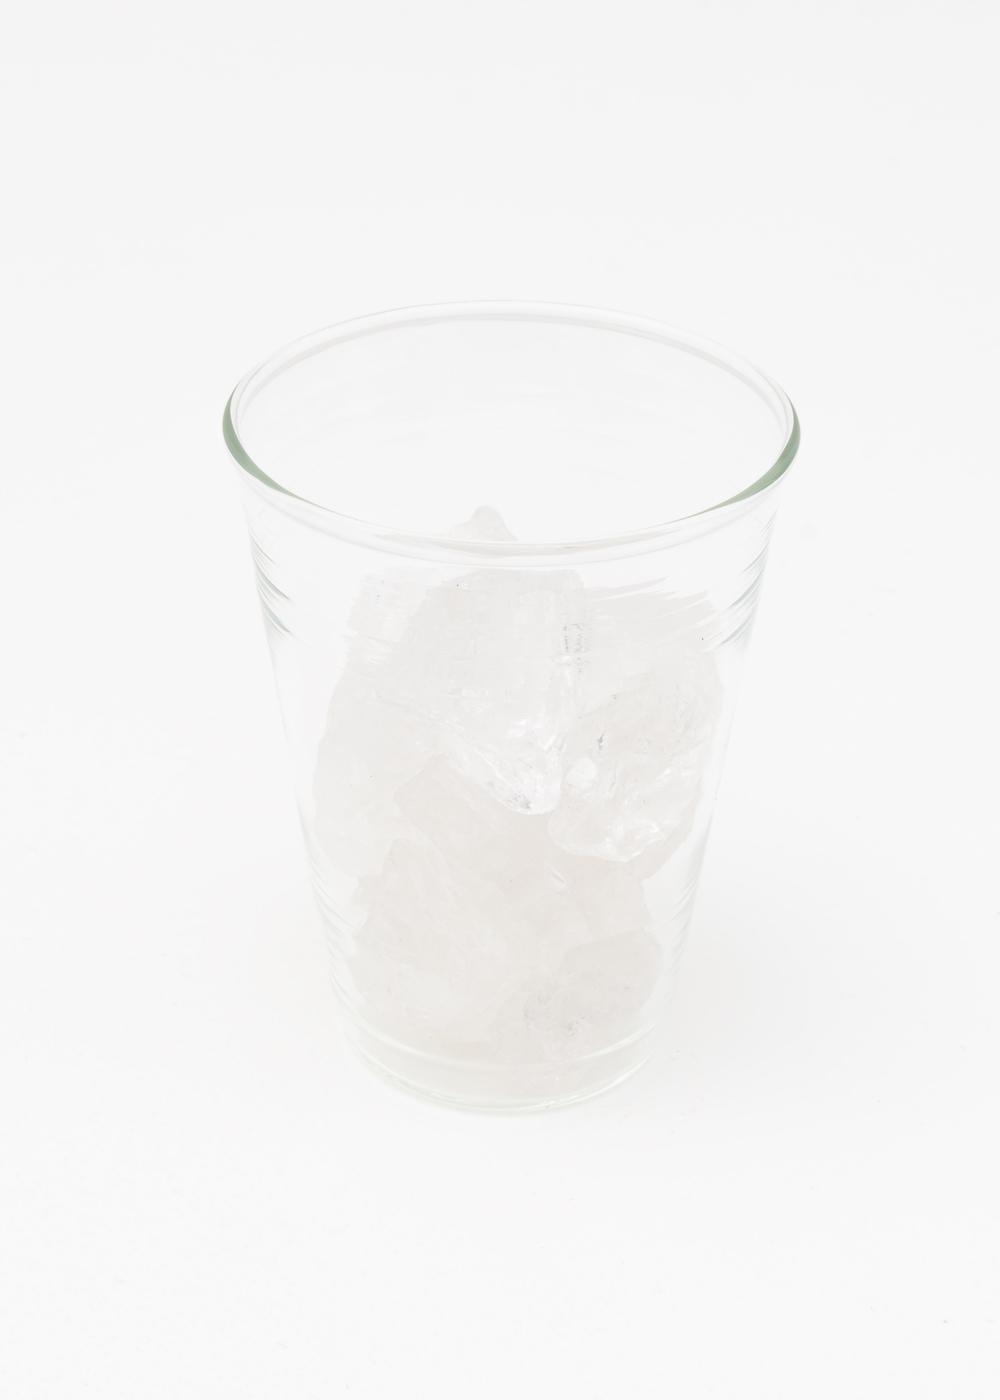 Matt Johnson  Cup of Ice  2015 Glass, quartz 5 ⅛h x 4w x 4d in MJohn003